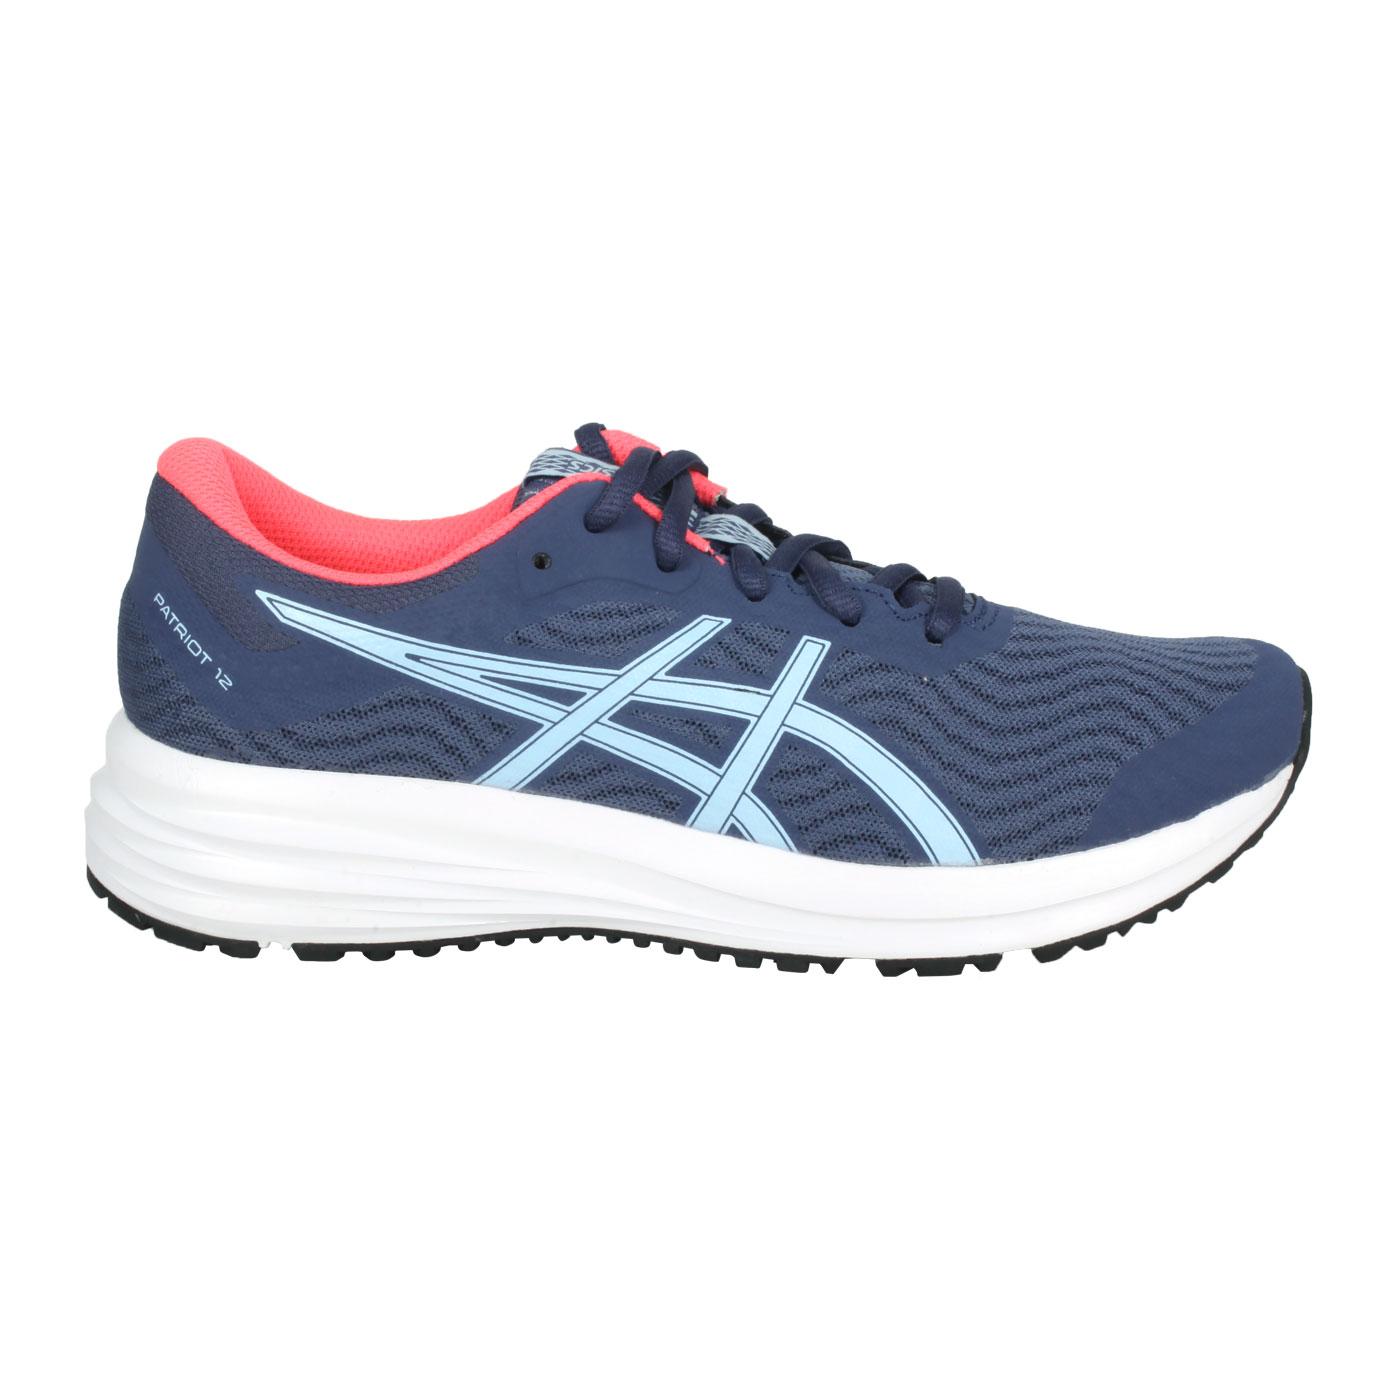 ASICS 女款慢跑鞋  @PATRIOT 12@1012A705-410 - 藍粉